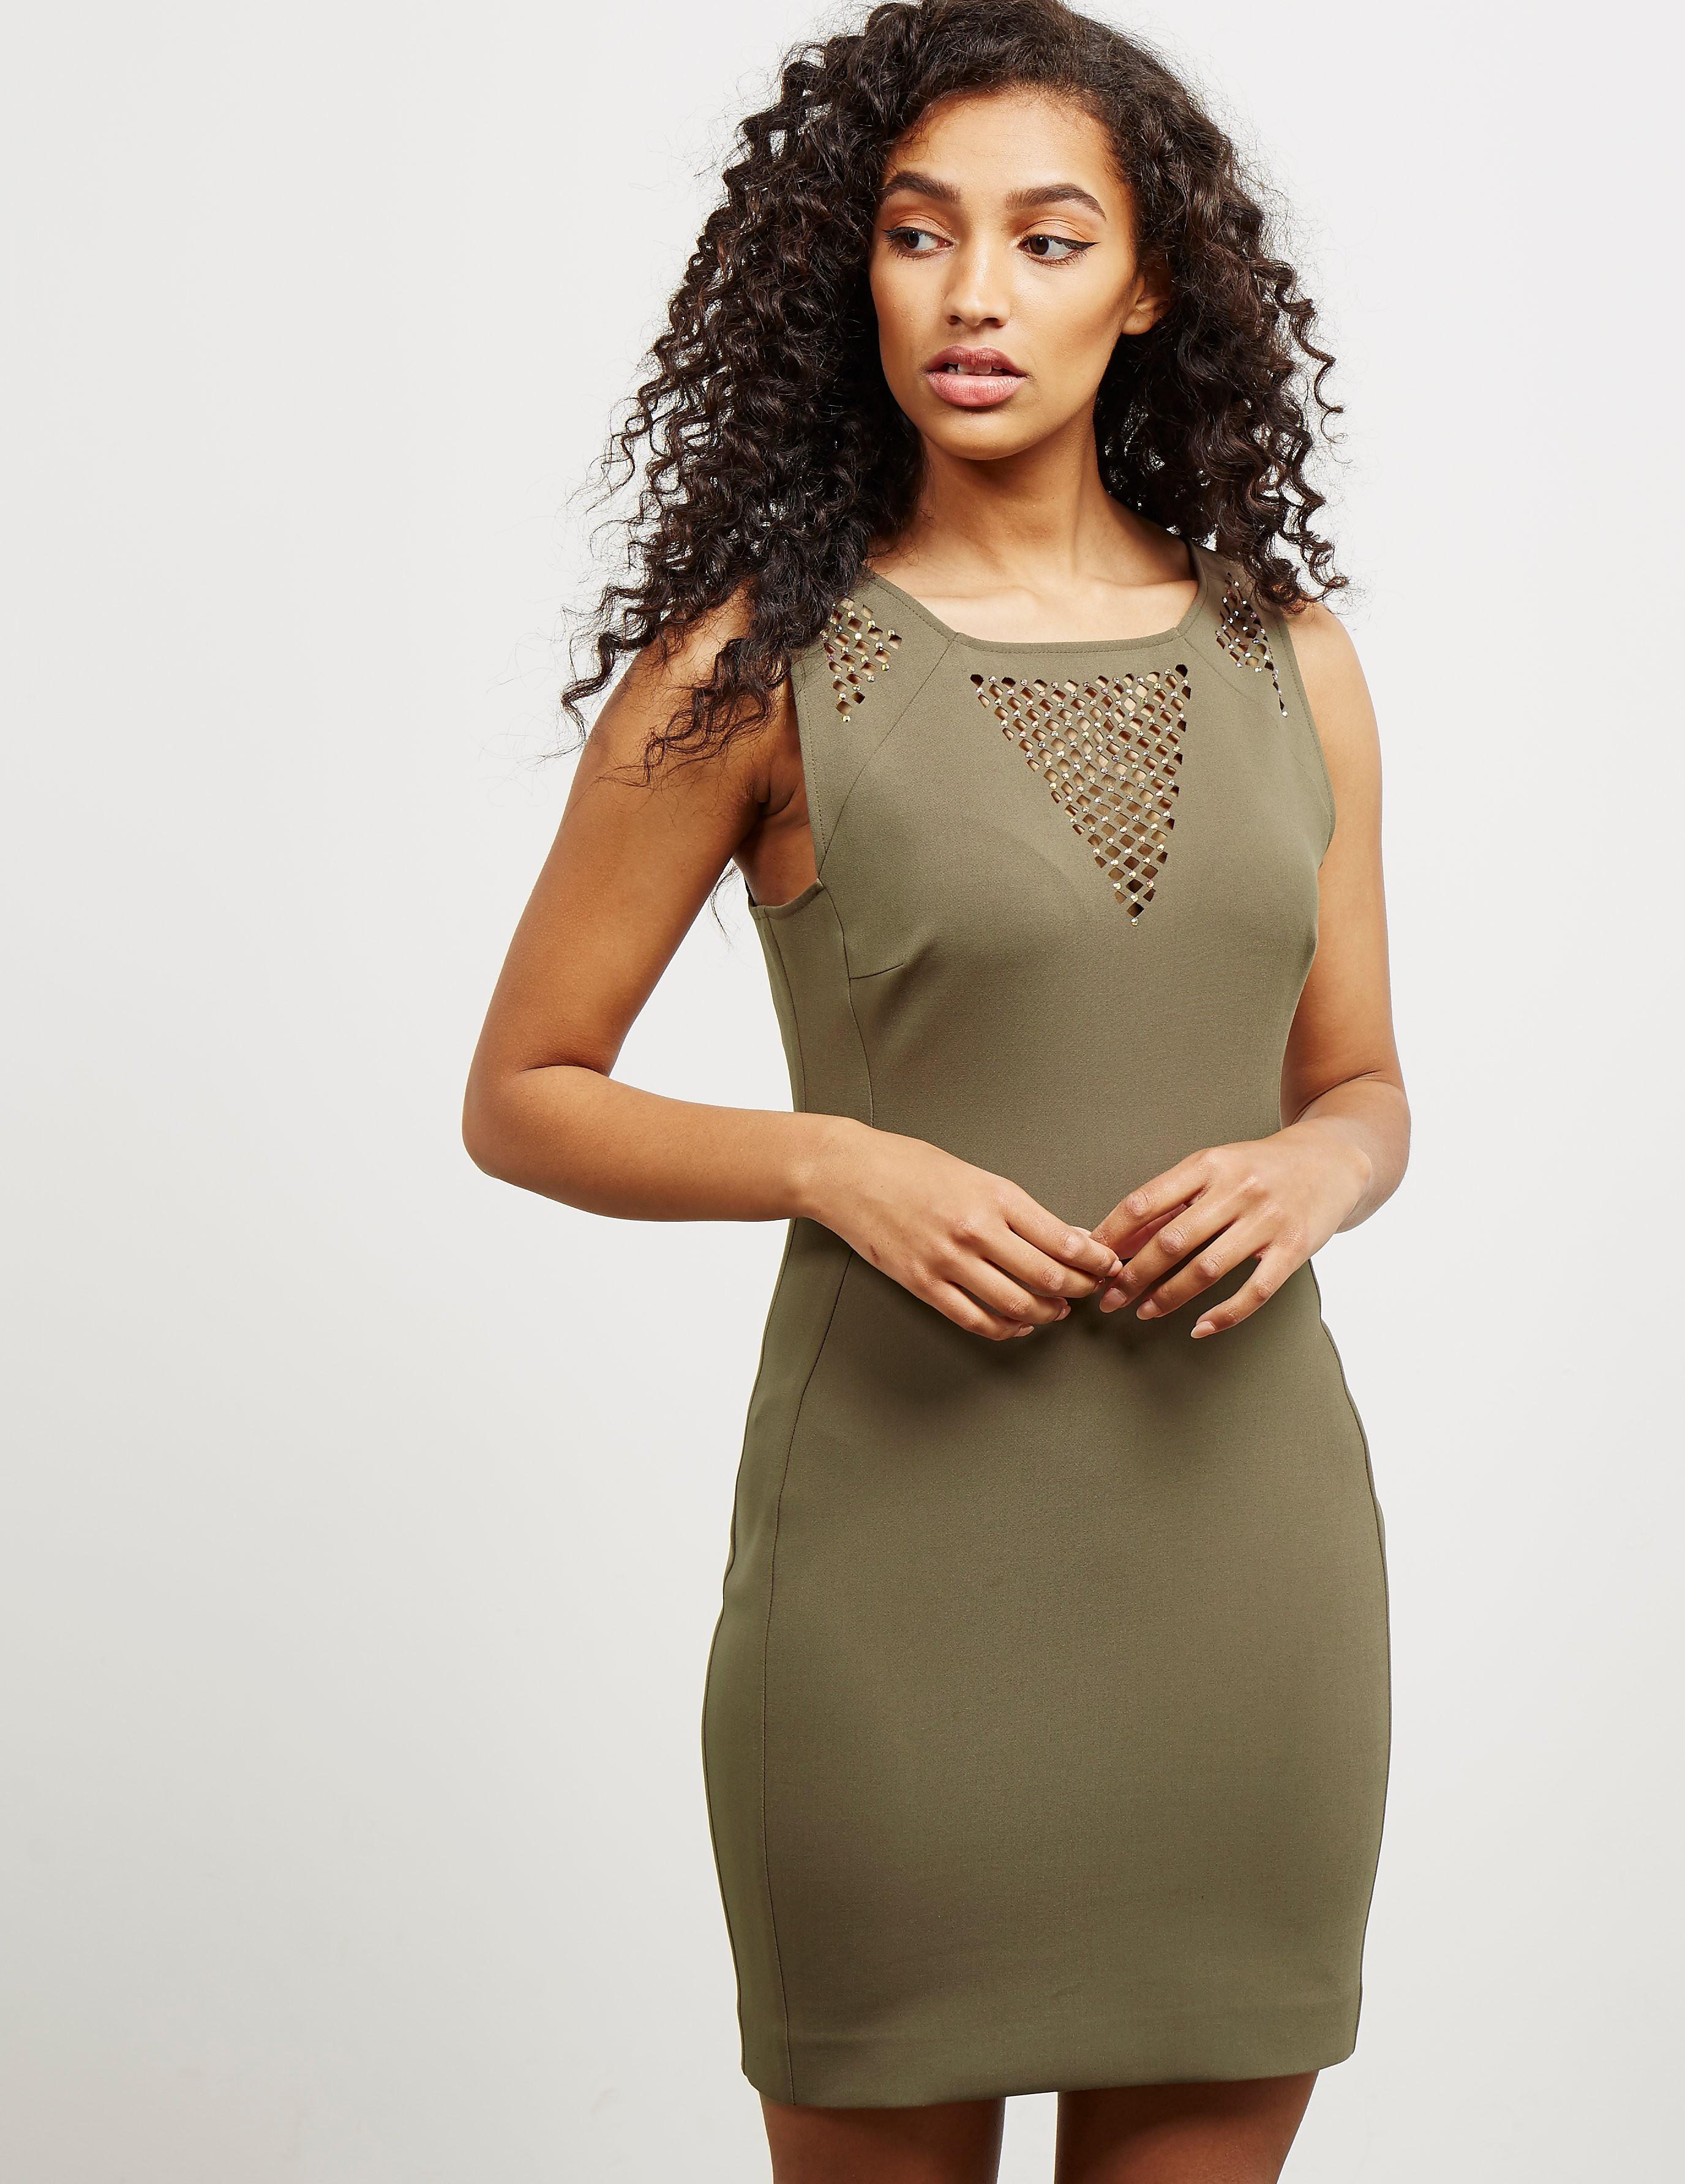 Versace Crochet Dress